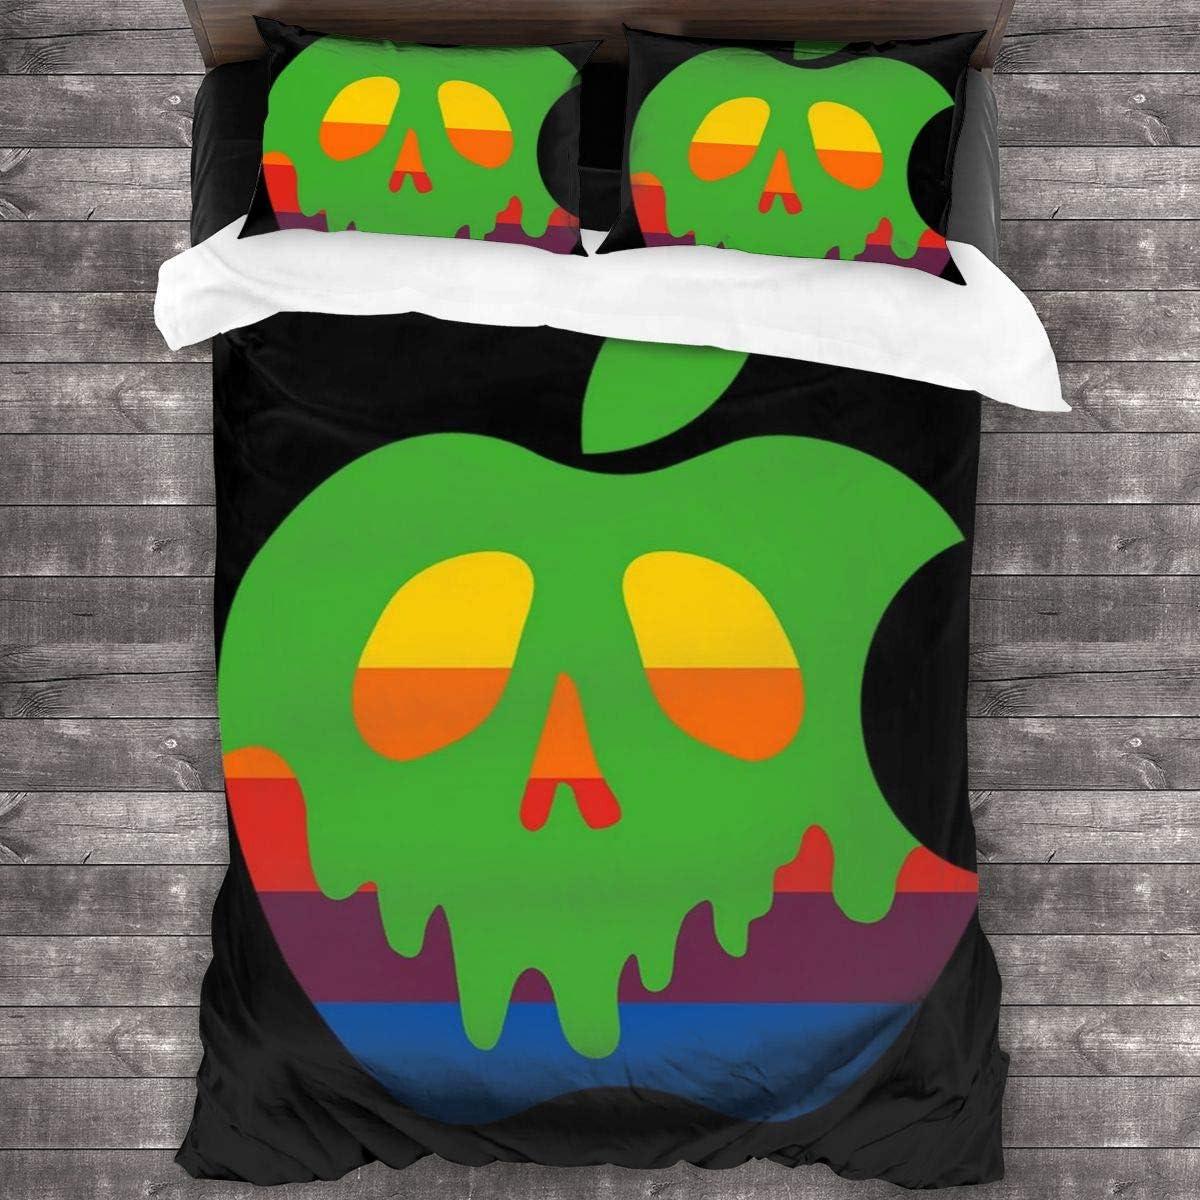 FDASLJ Poison Apple 3 Pieces Bedding Set Duvet Cover 86″x70″,Decorative 3 Piece Bedding Set with 2 Pillow Shams